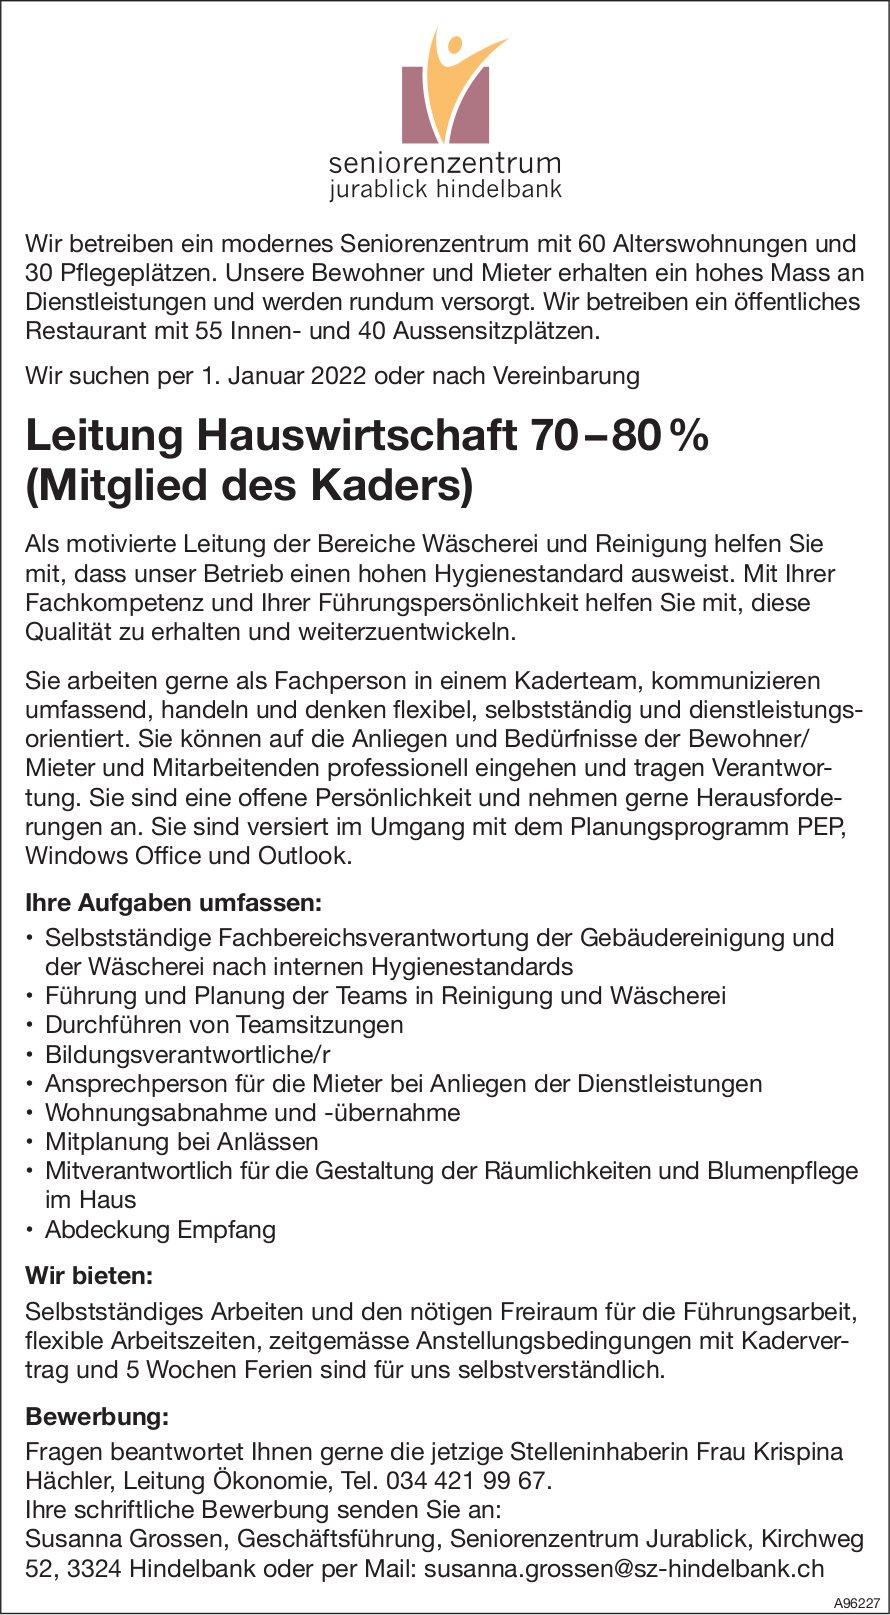 Leitung Hauswirtschaft 70 – 80 % (Mitglied des Kaders), Seniorenzentrum Jurablick, Hindelbank, gesucht